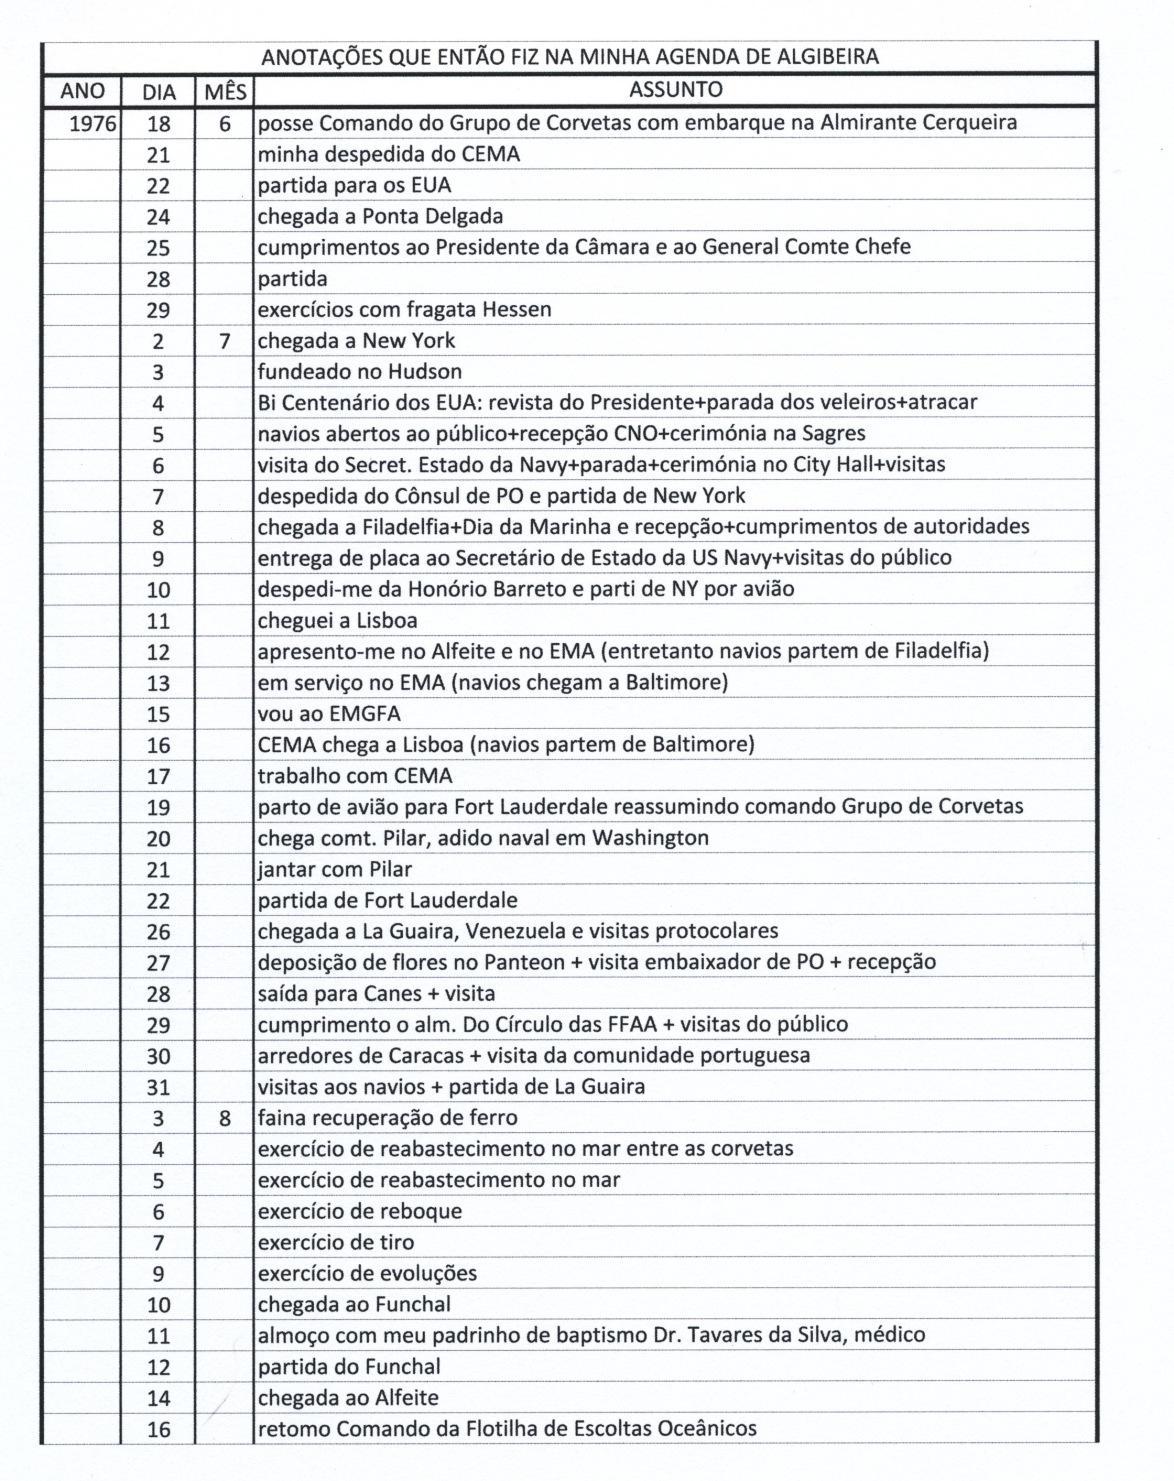 00711 976-06-18 resumo da comissão como Comandante do Grupo de Corvetas -notas da minha agenda pessoal